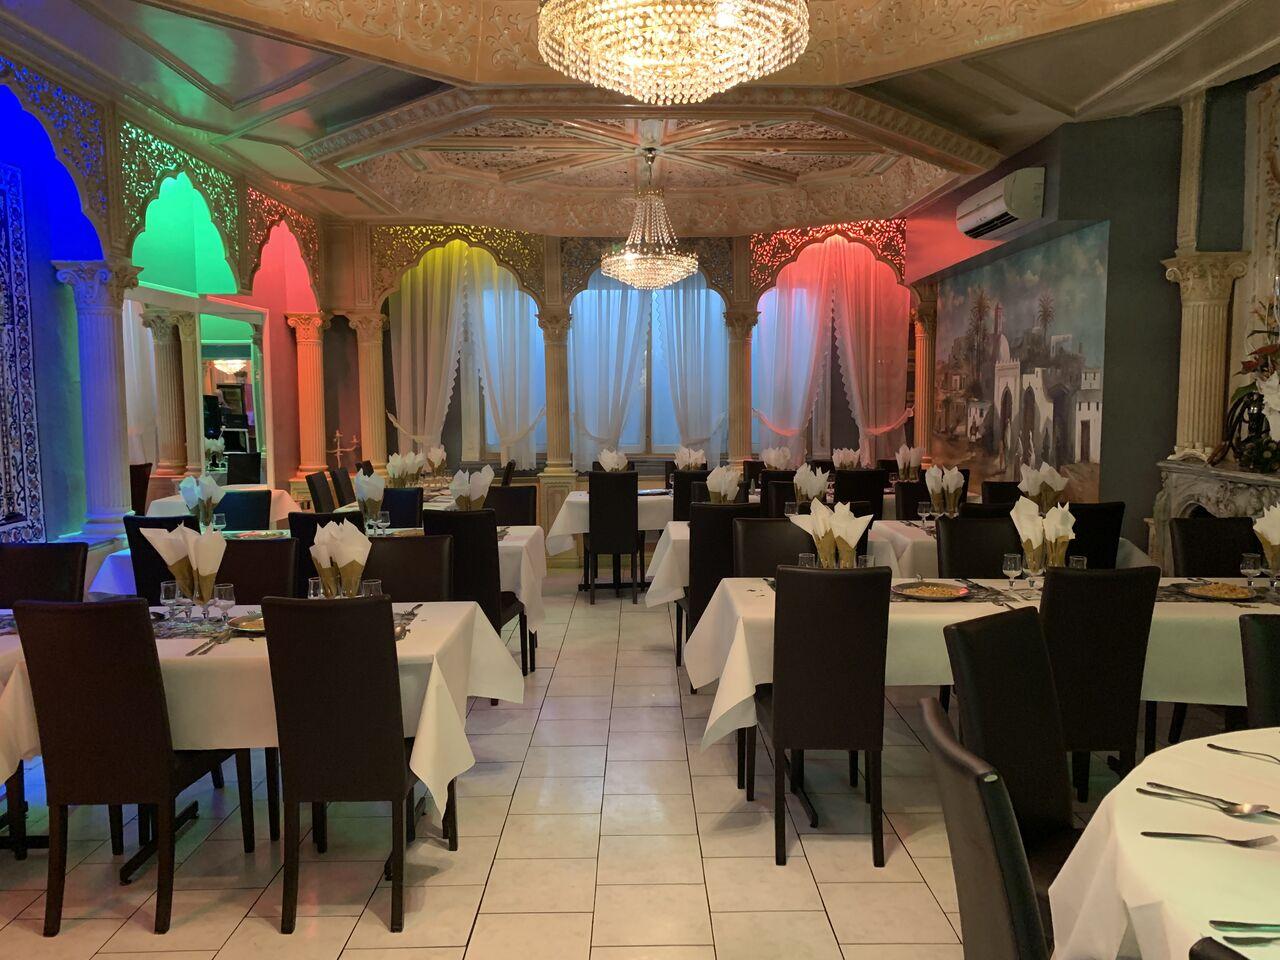 Notre salle intérieure est disponible pour vos anniversaires, mariages, baptêmes, séminaires.